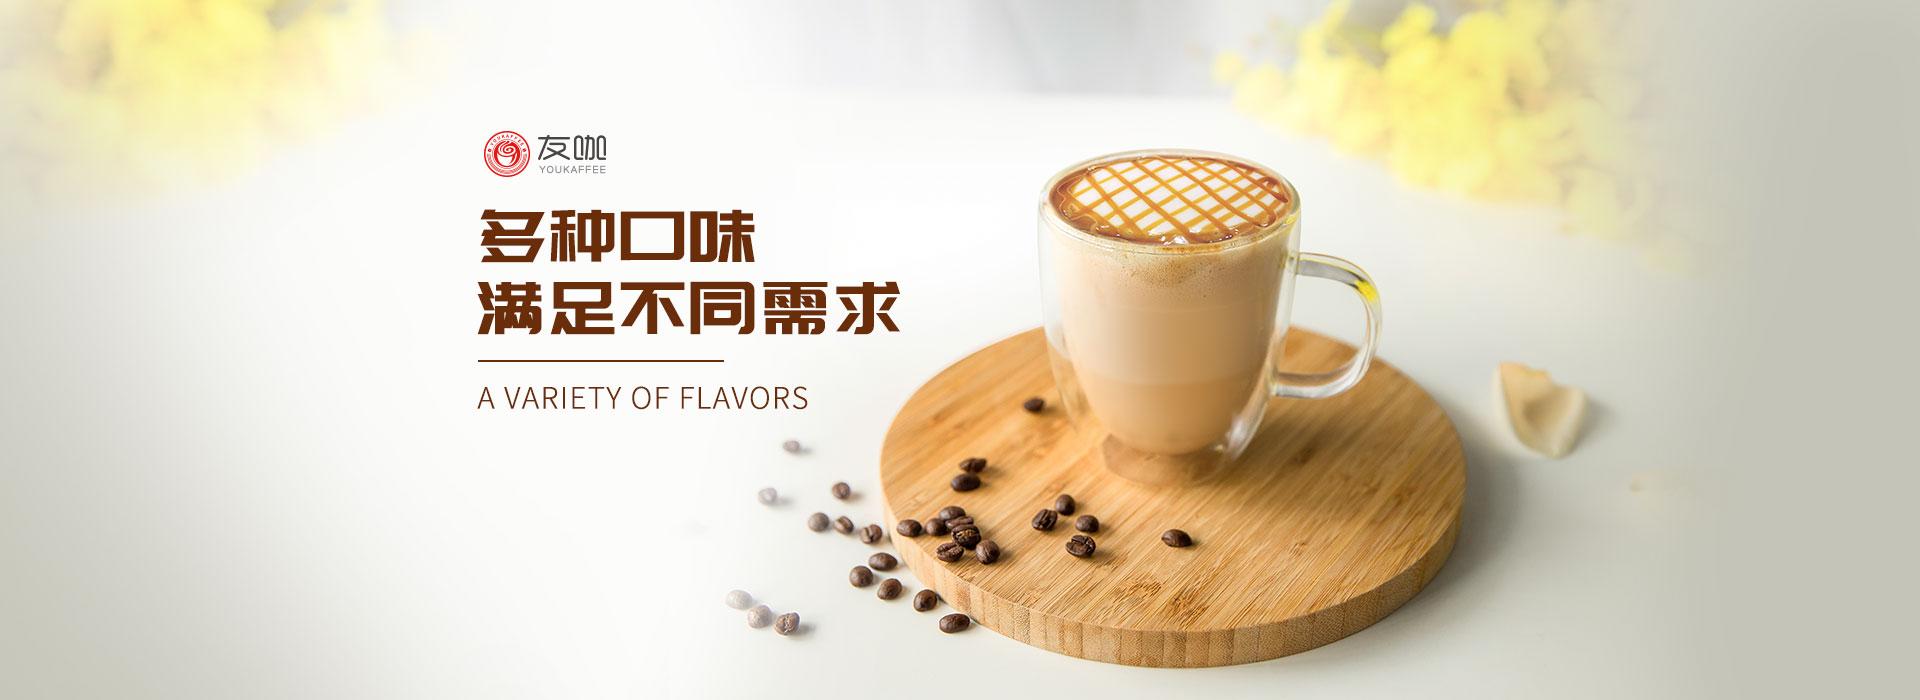 友咖啡_冰咖啡